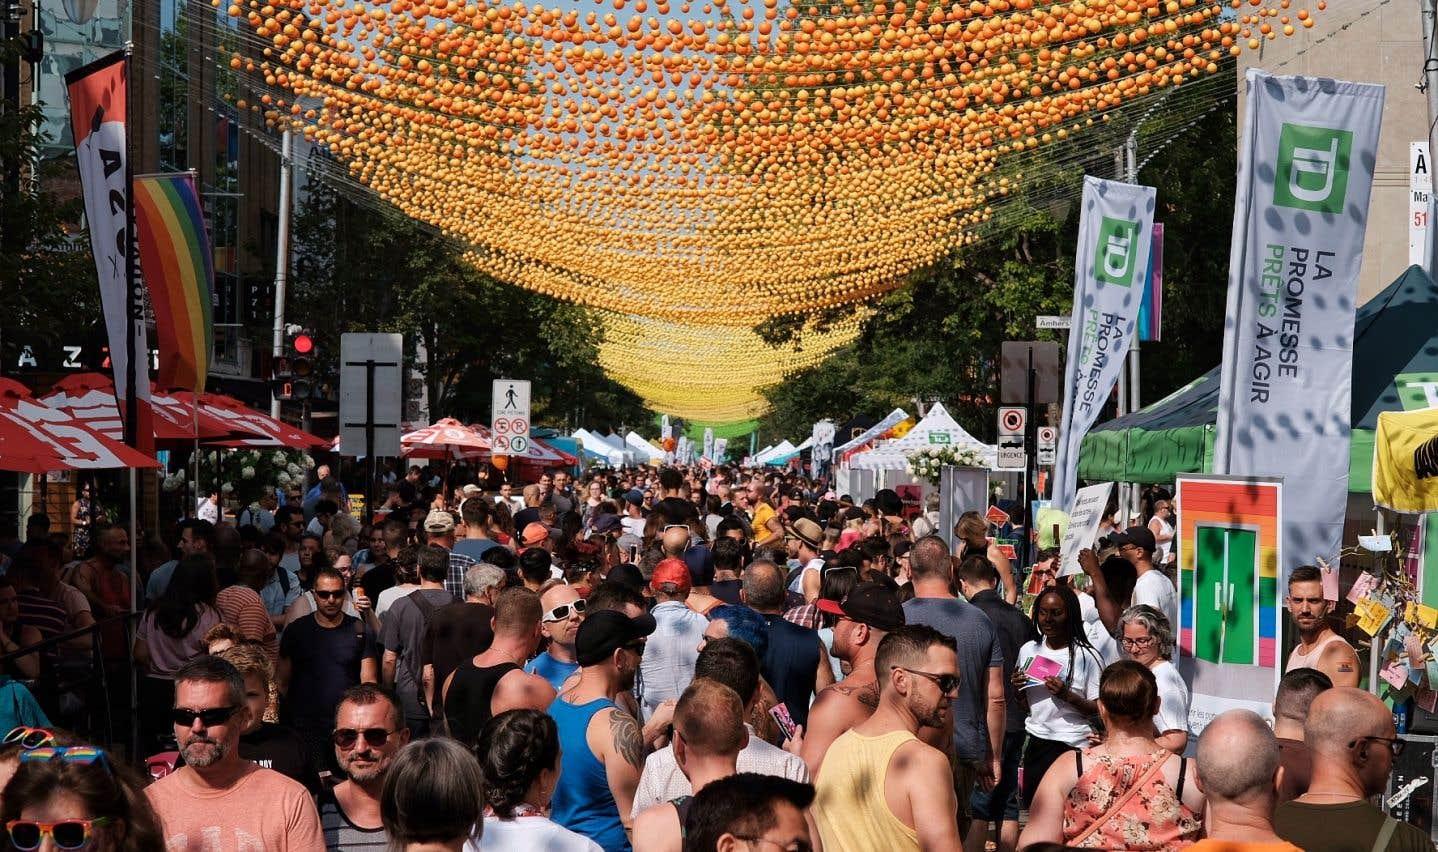 Samedi après-midi, les célébrations de Fierté Montréal ont attiré une foule dense sur la rue Sainte-Catherine.